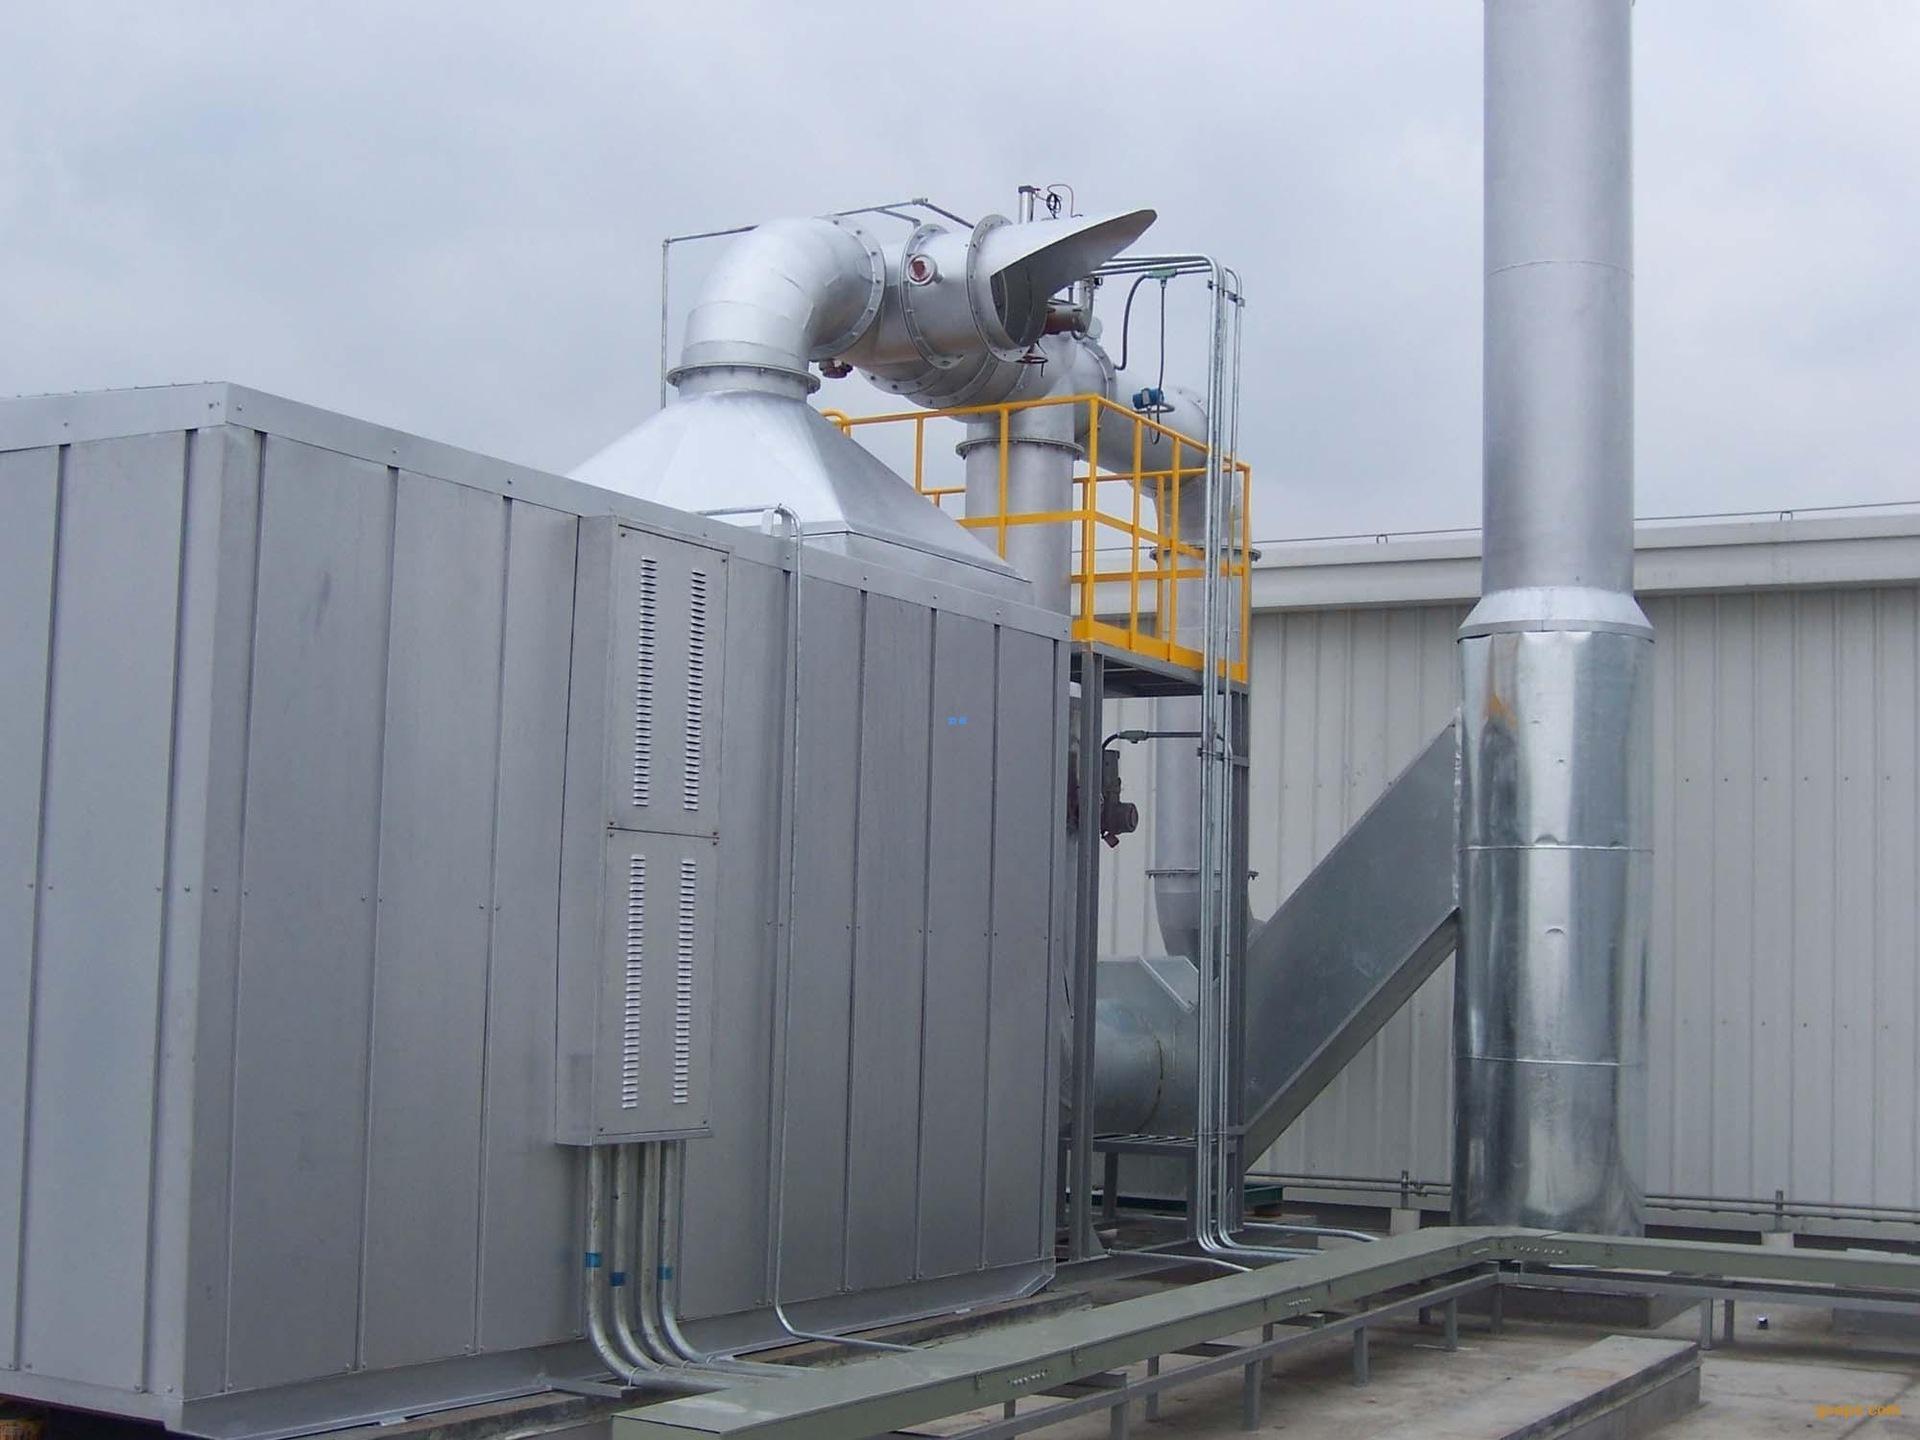 厂家供应催化燃烧设备  专业除臭设备供应 期待来电 合作共赢